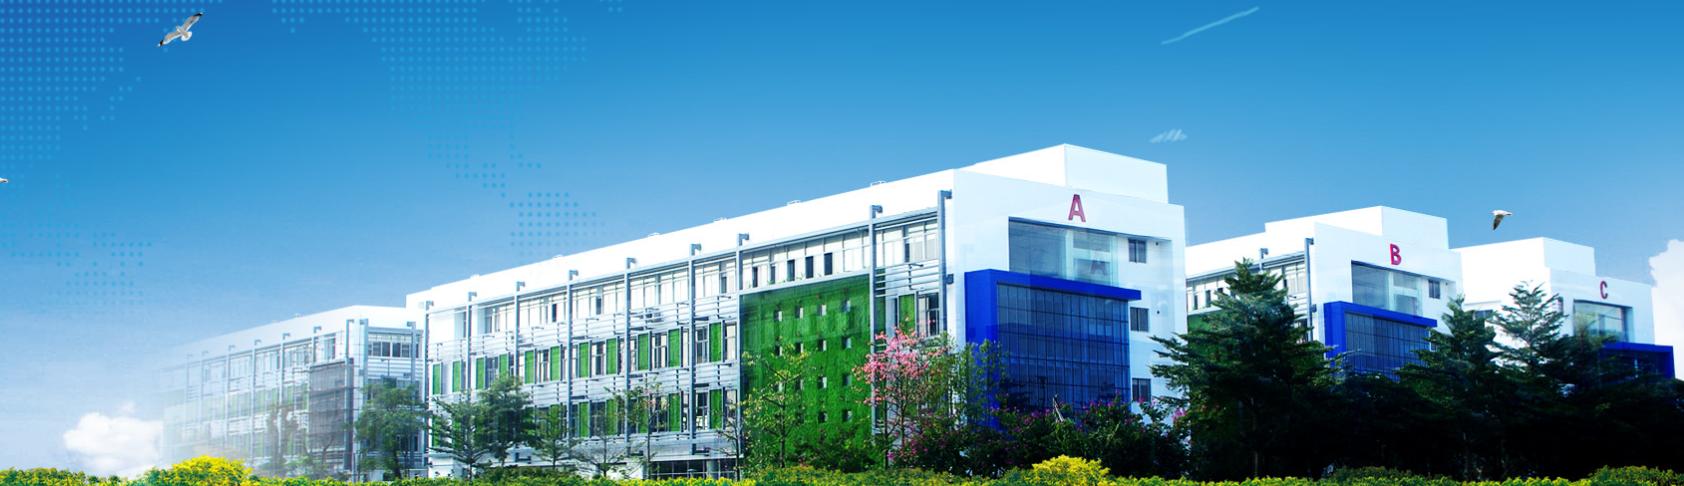 XSTO company building